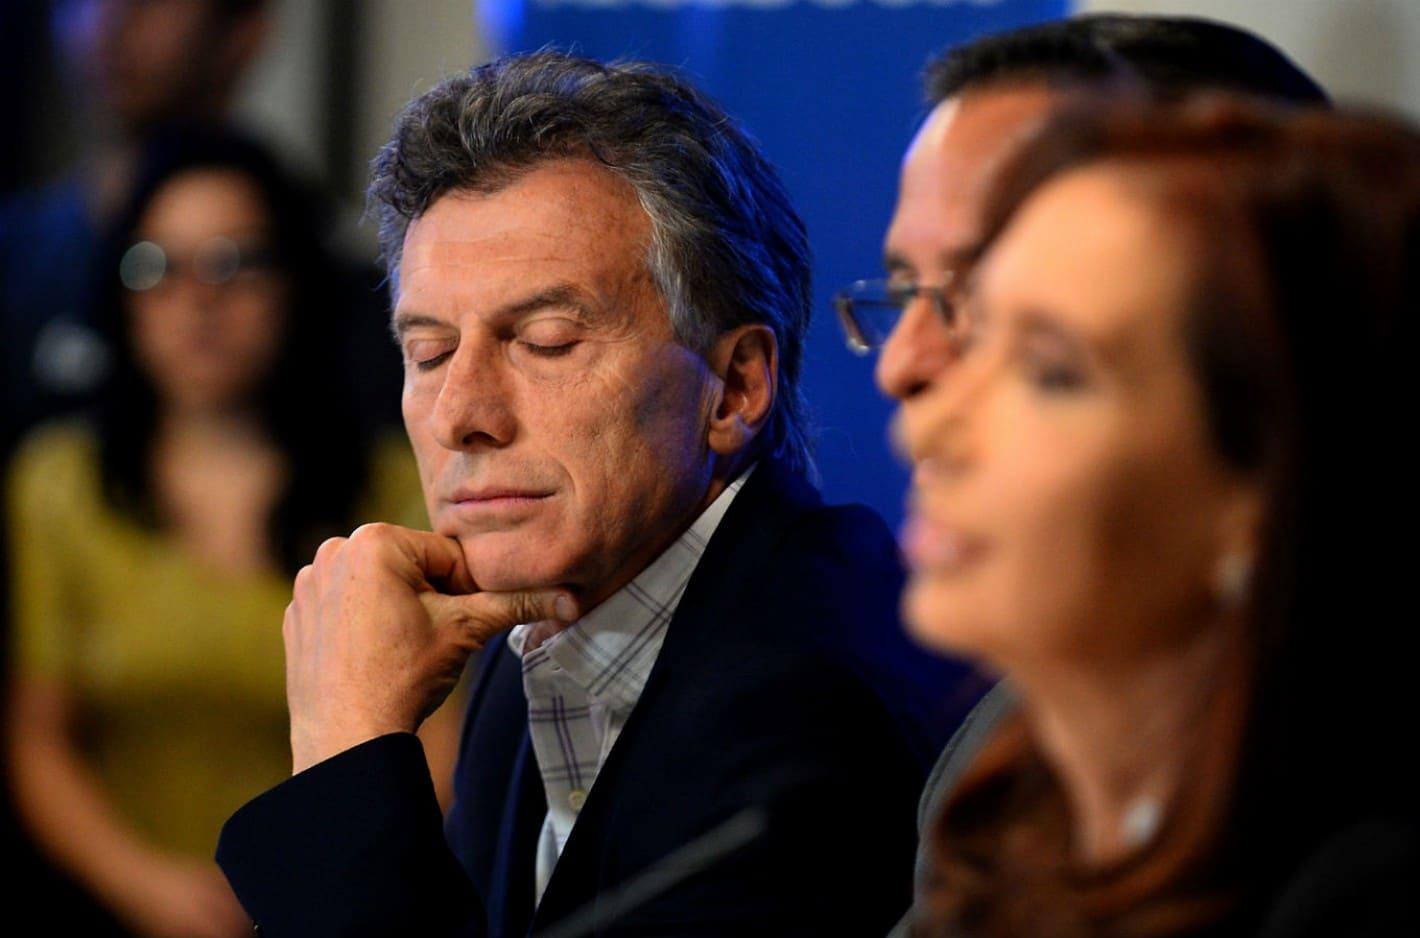 Centros y polos en el mapa político argentino y competitividad de CFK